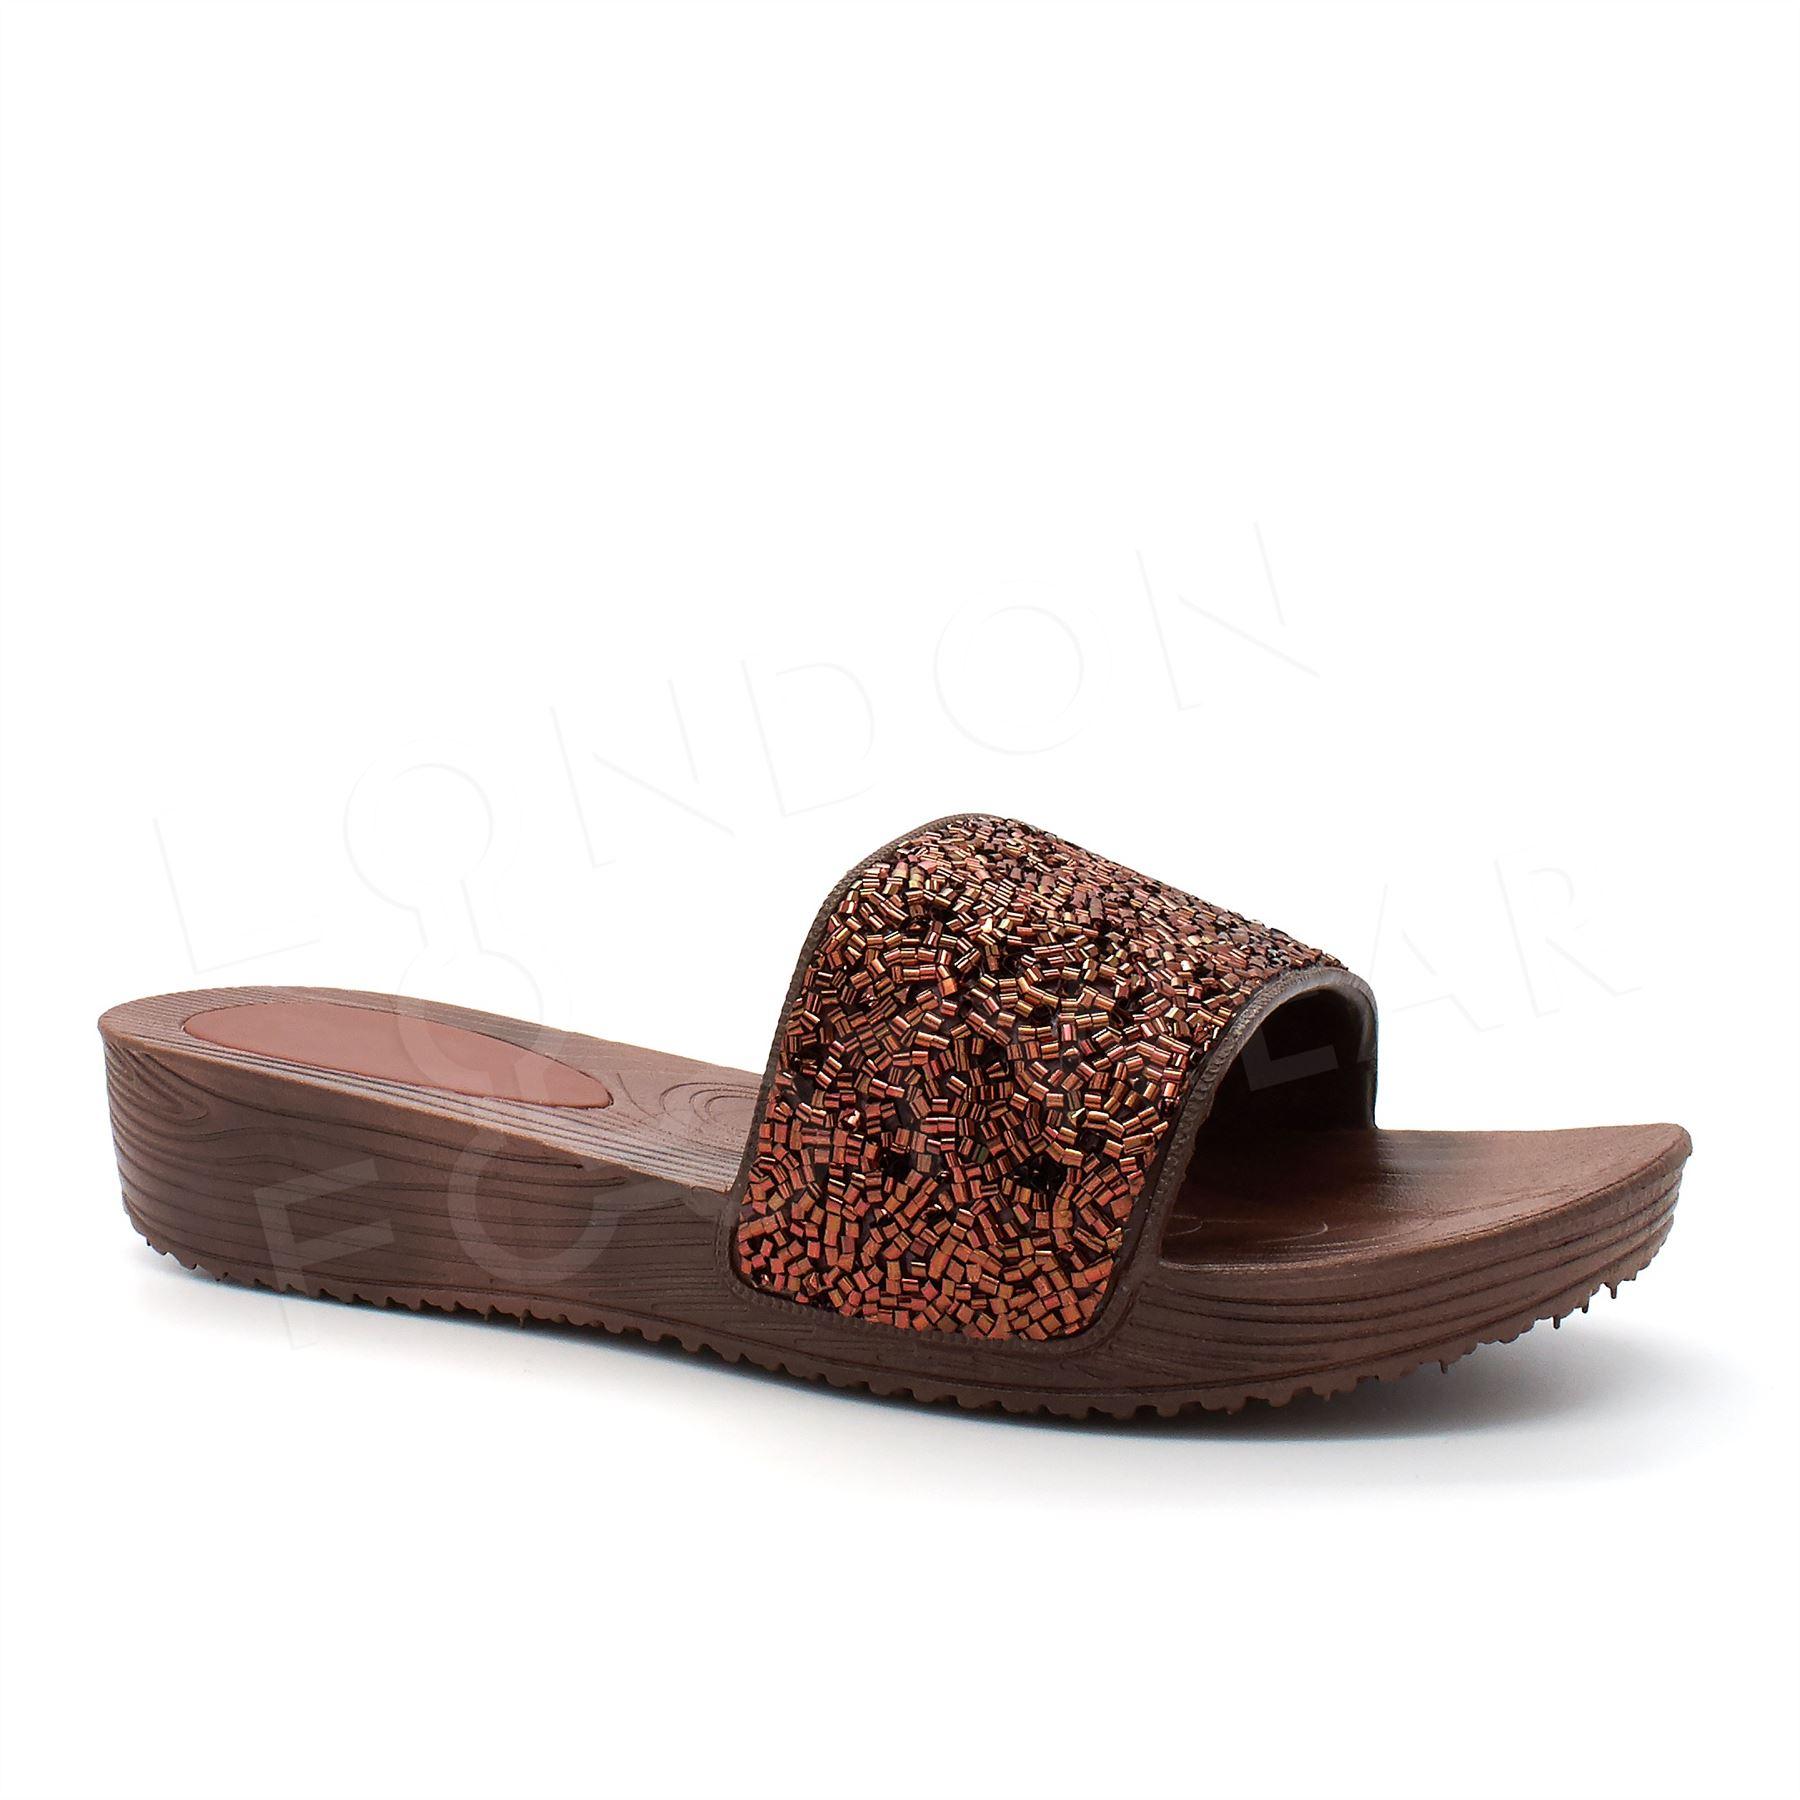 New Womens Ladies Summer Sandals Low Wedge Heel Comfort ...